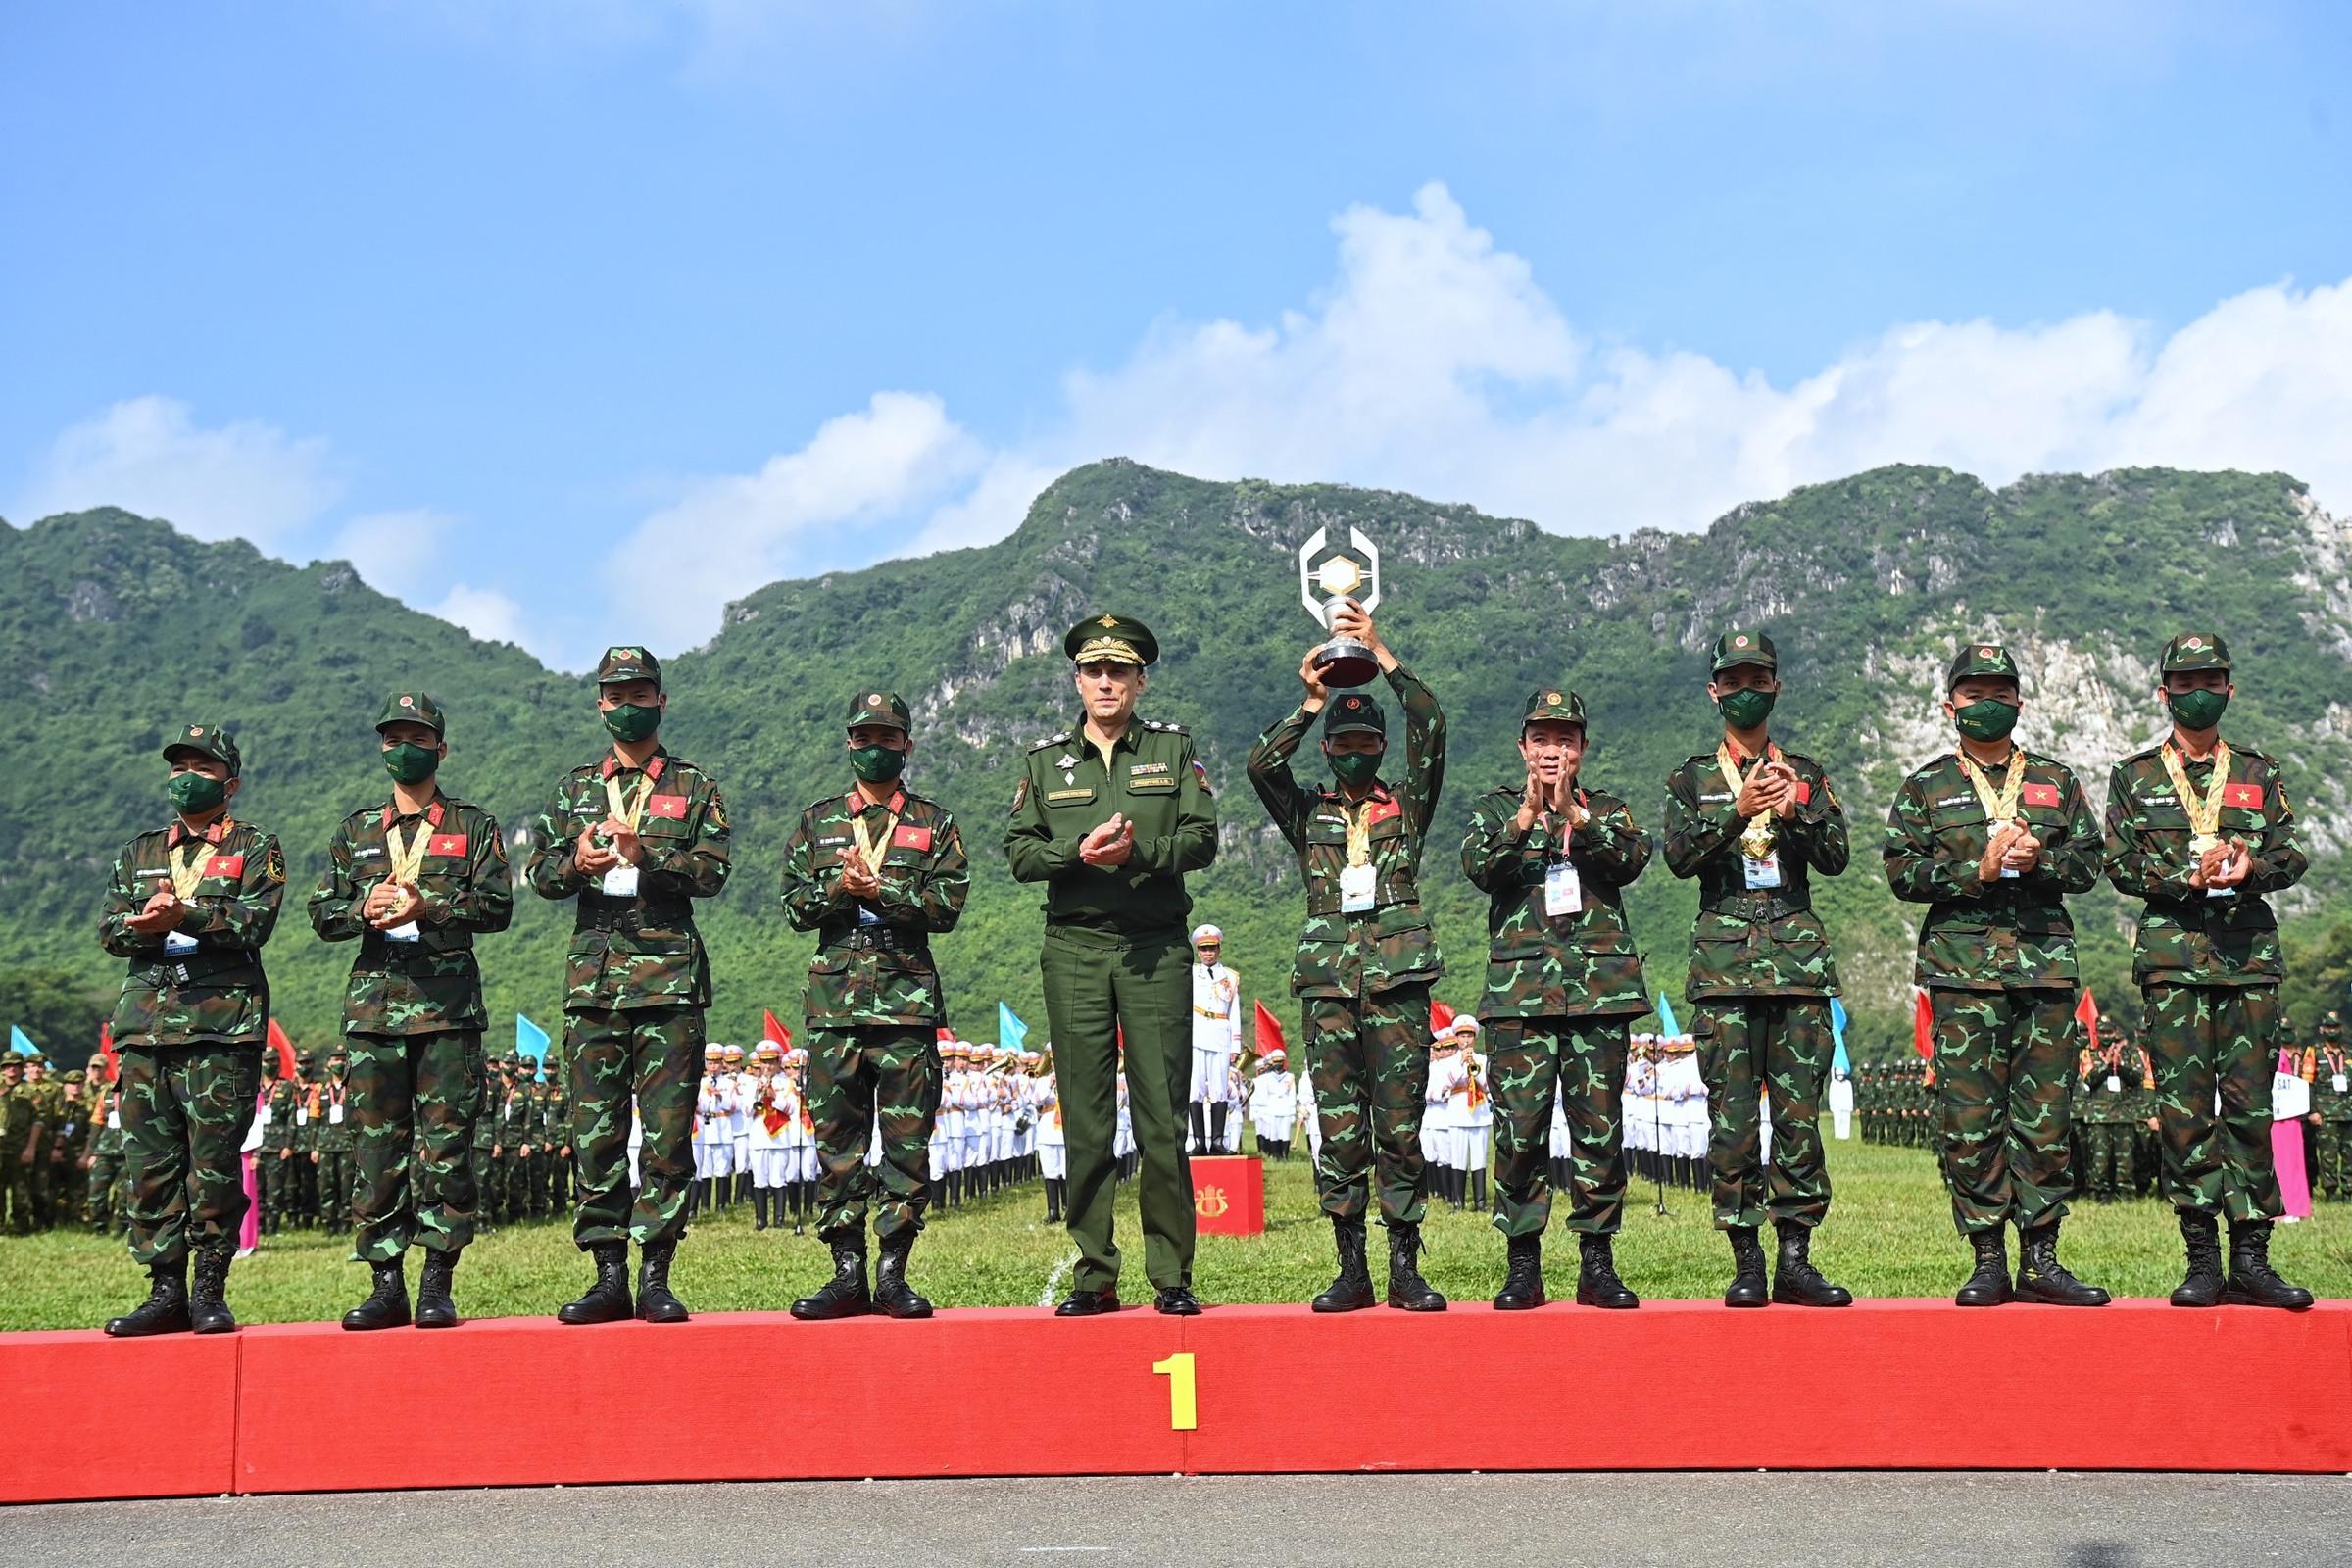 Thứ trưởng Quốc phòng Nga Krivoruchko Aleksei Iurievich (thứ 5 từ trái qua) trao cúp và huy chương vàng cho đội tuyển Việt Nam nội dung Xạ thủ bắn tỉa. Ảnh: Giang Huy